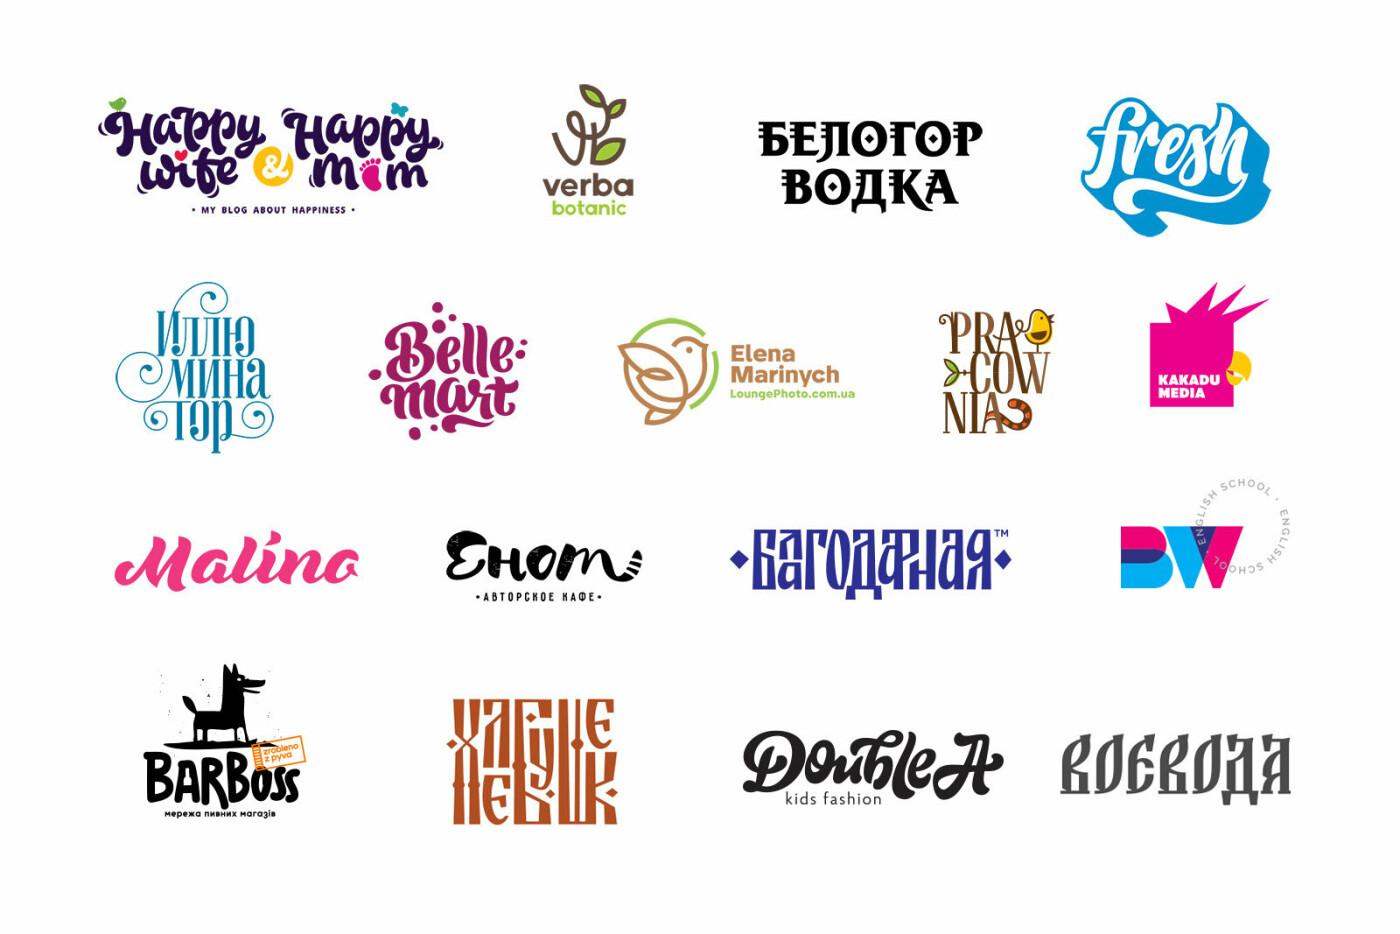 Наталья Білоусова: «Дизайн - це робота без кордонів», фото-14, Наталья Білоусова